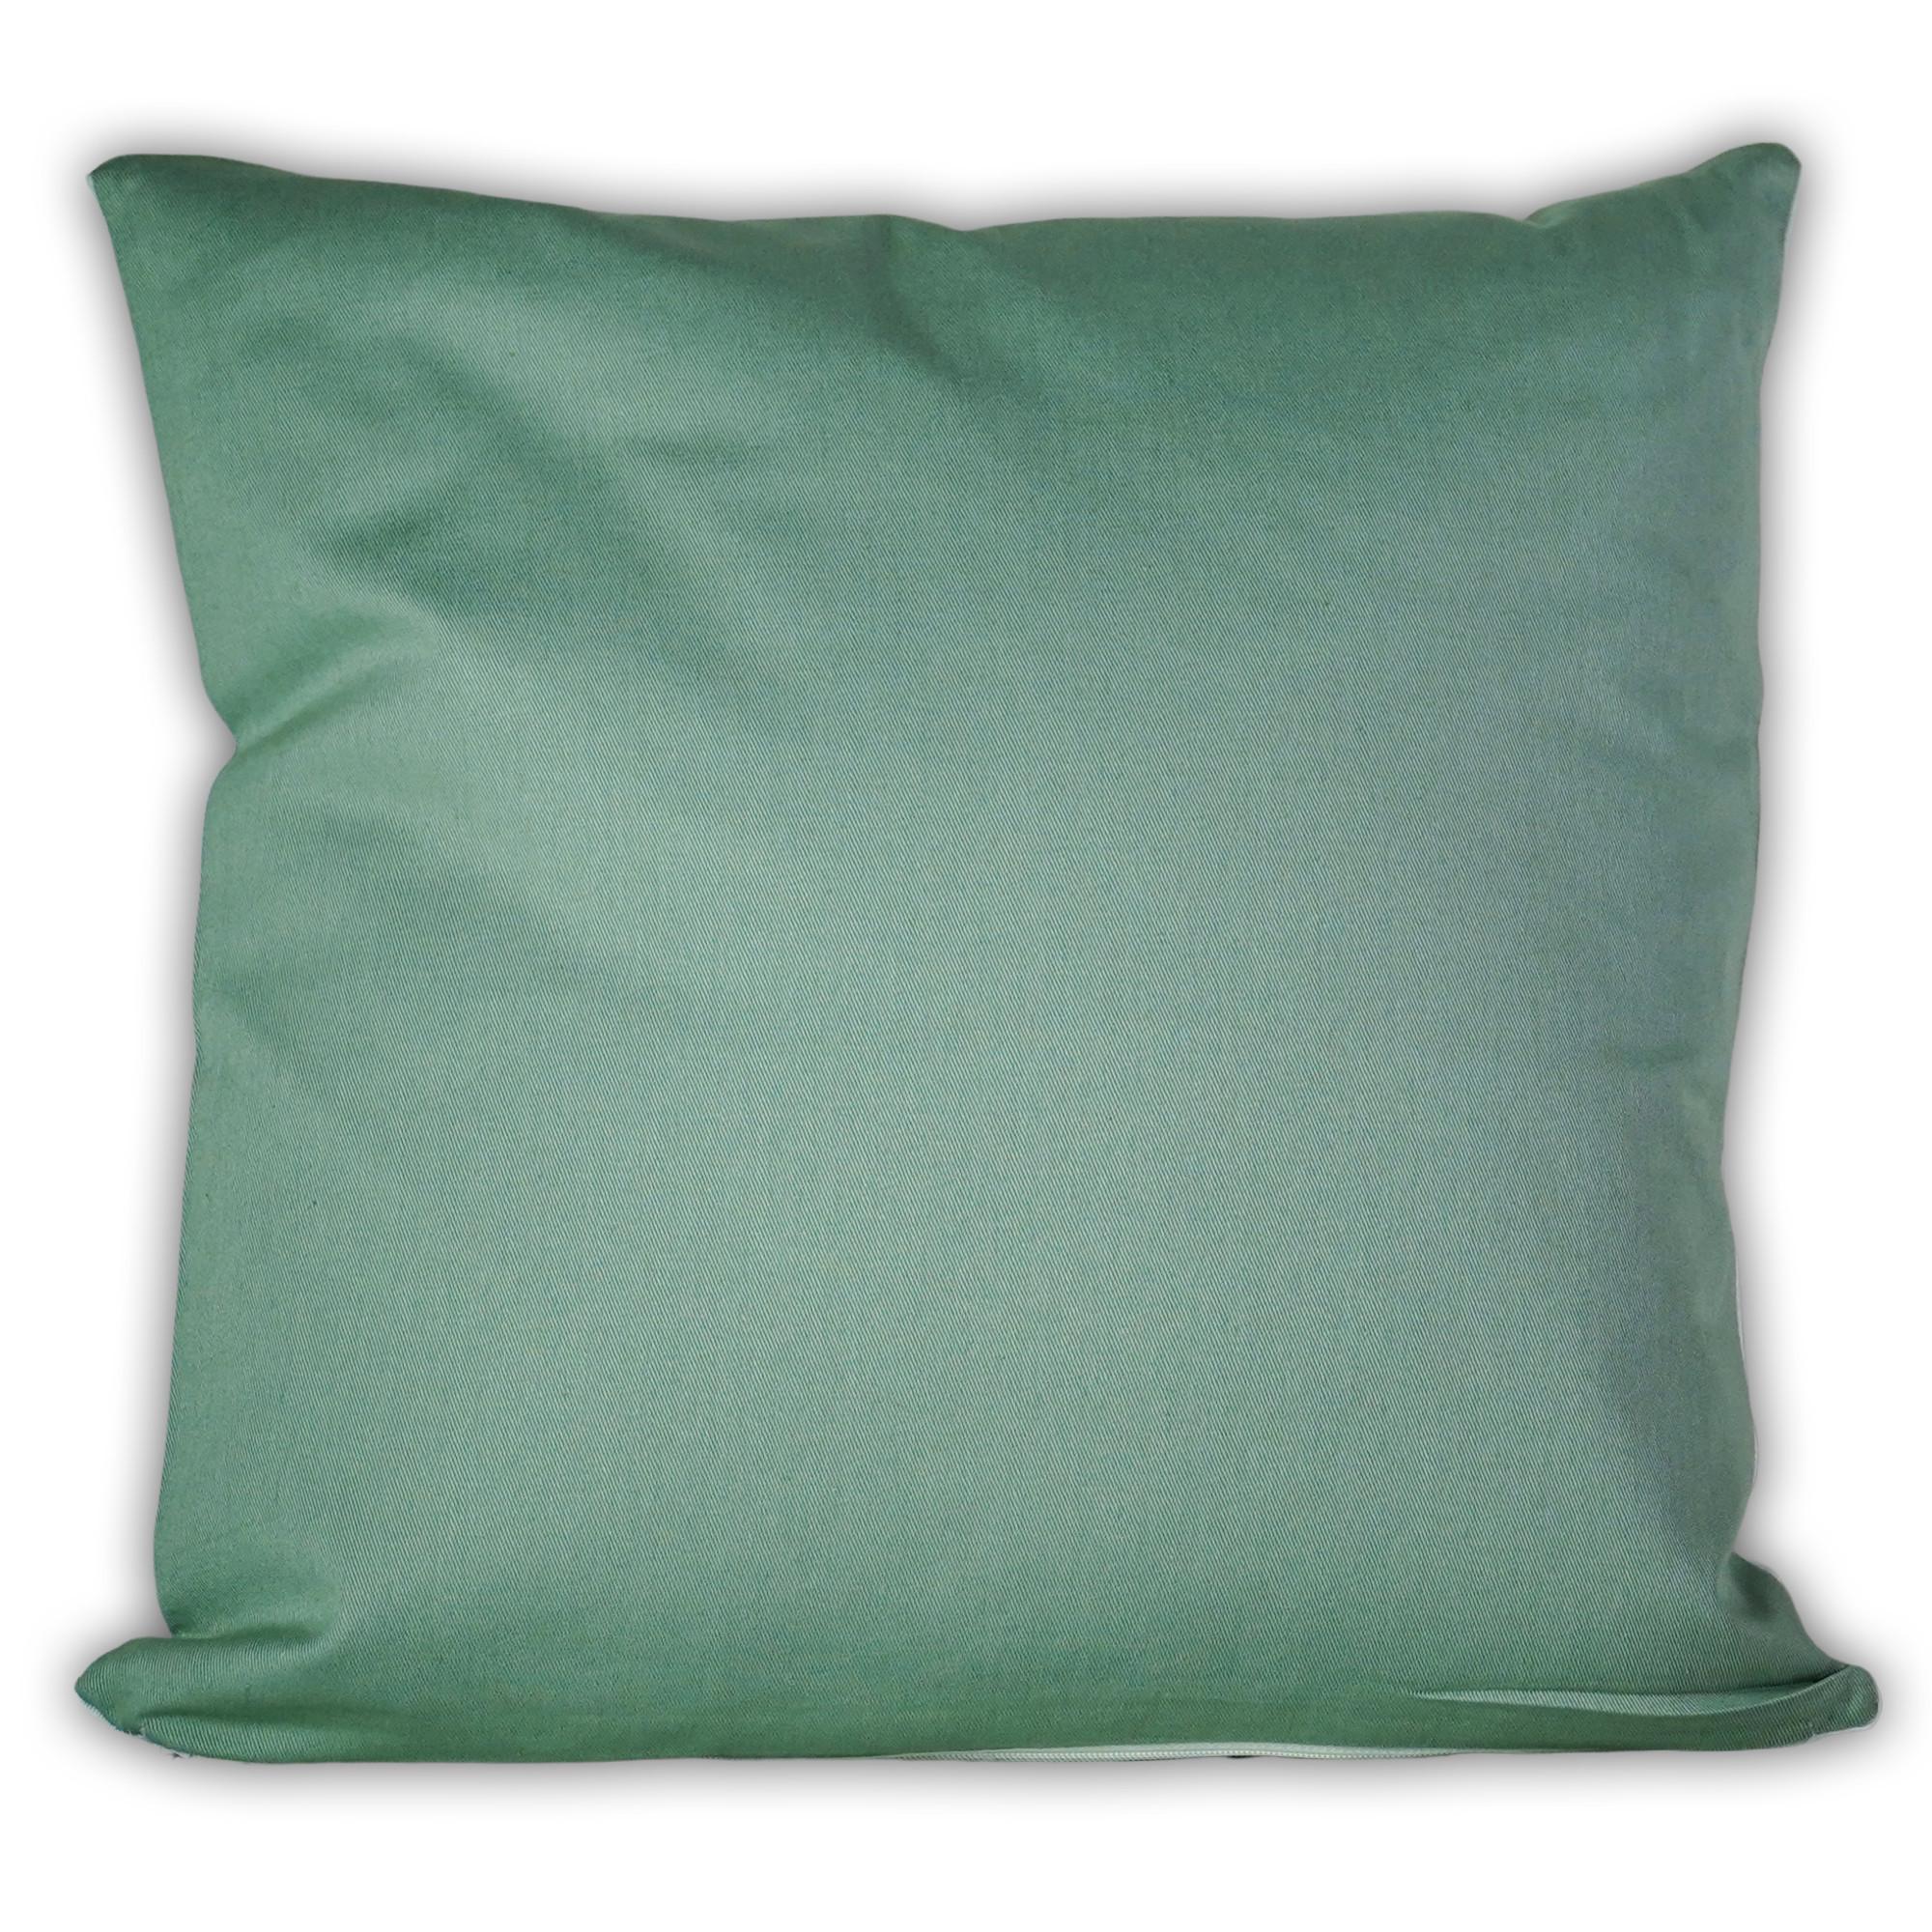 Fotokissen quadratisch zweifarbig grün